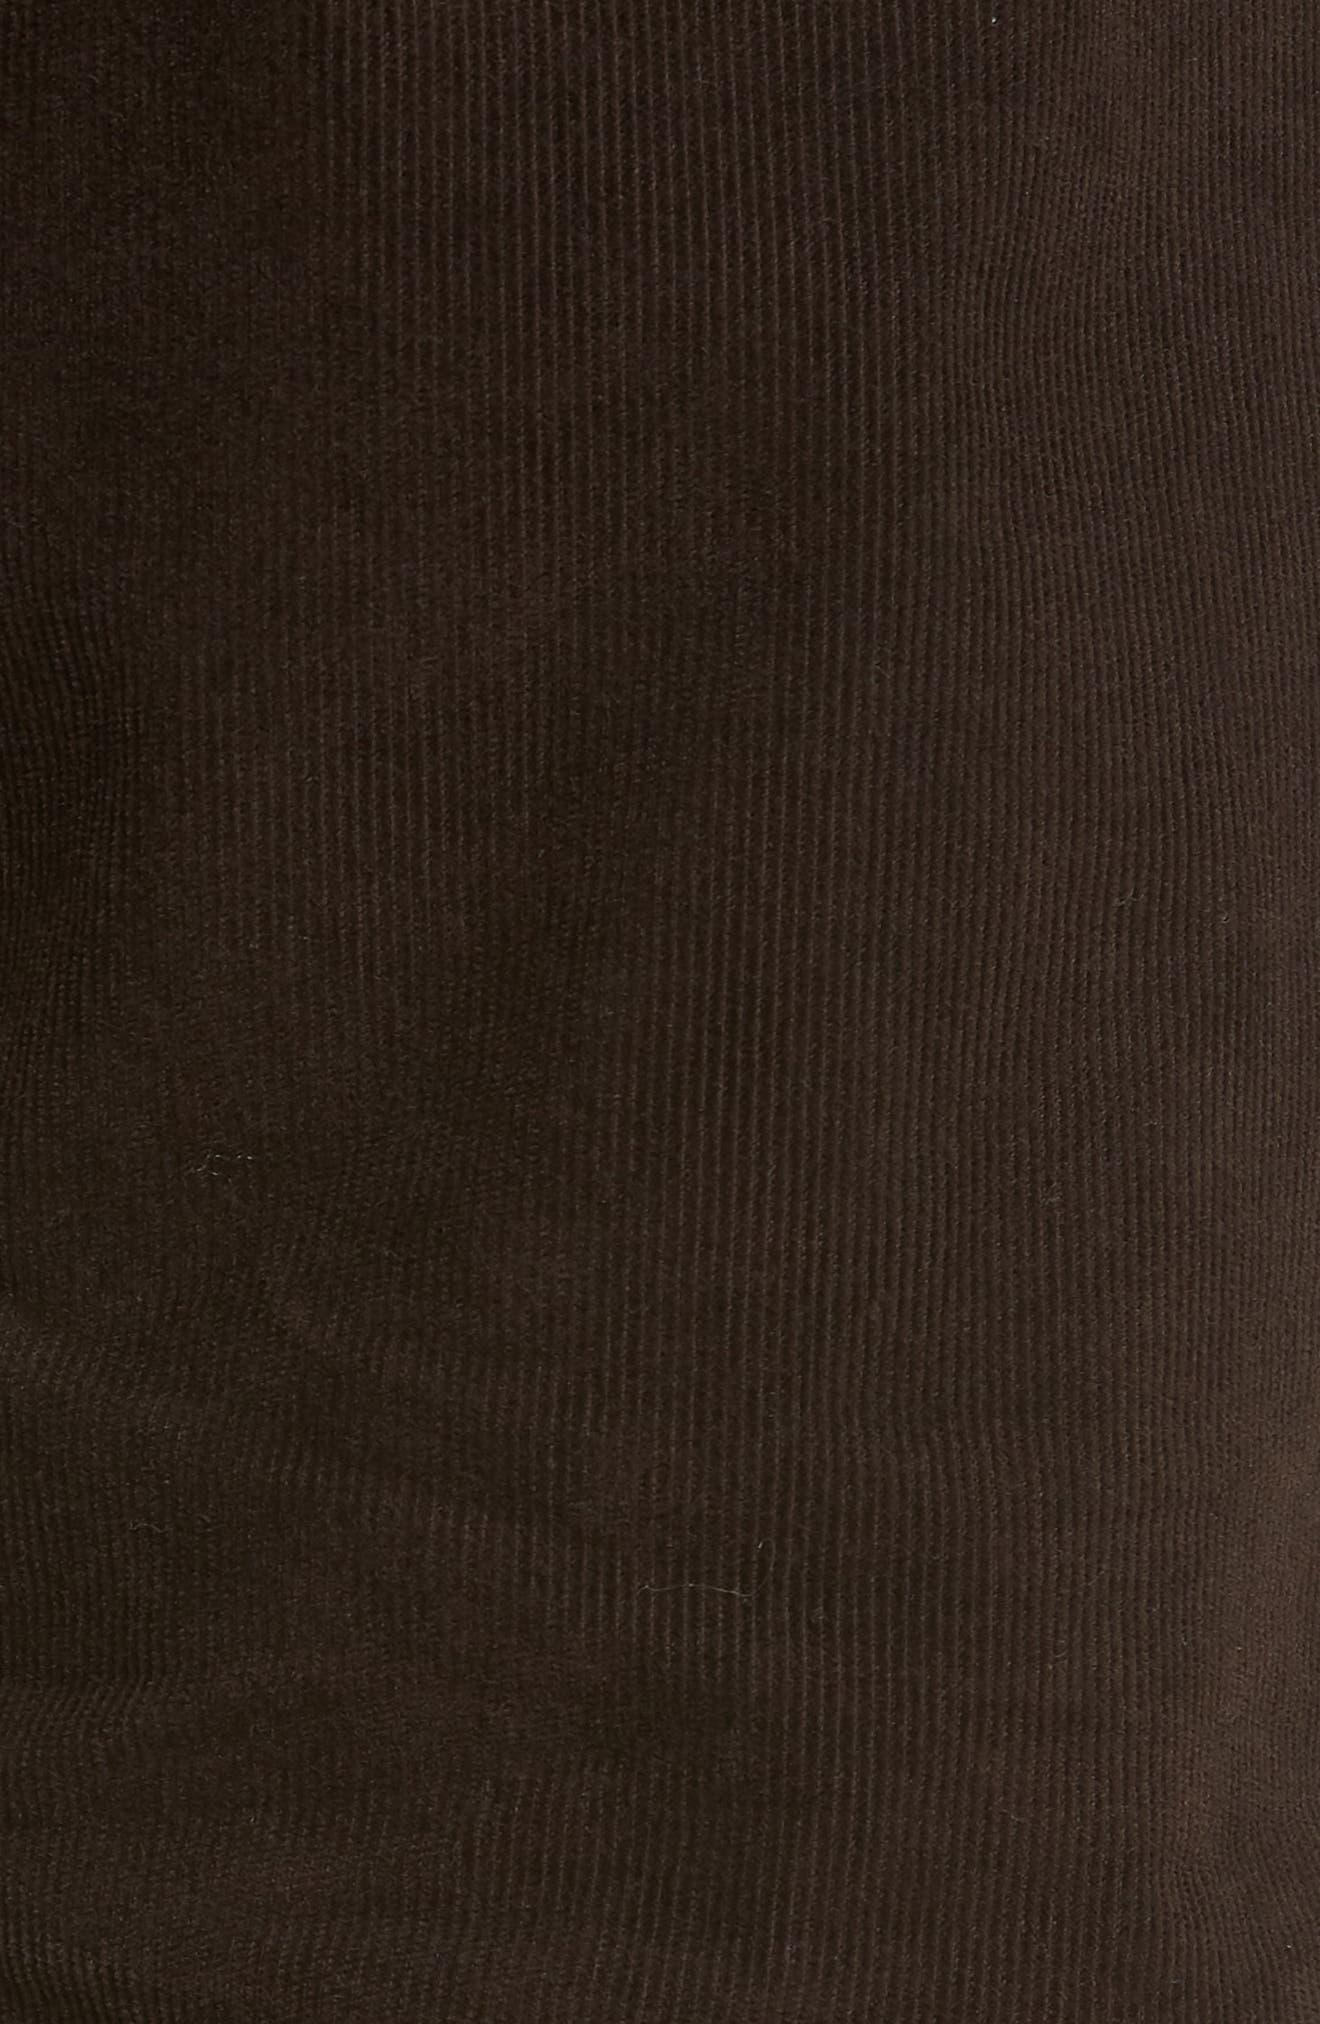 Everett Straight Leg Corduroy Pants,                             Alternate thumbnail 5, color,                             SULFUR SHUTTER